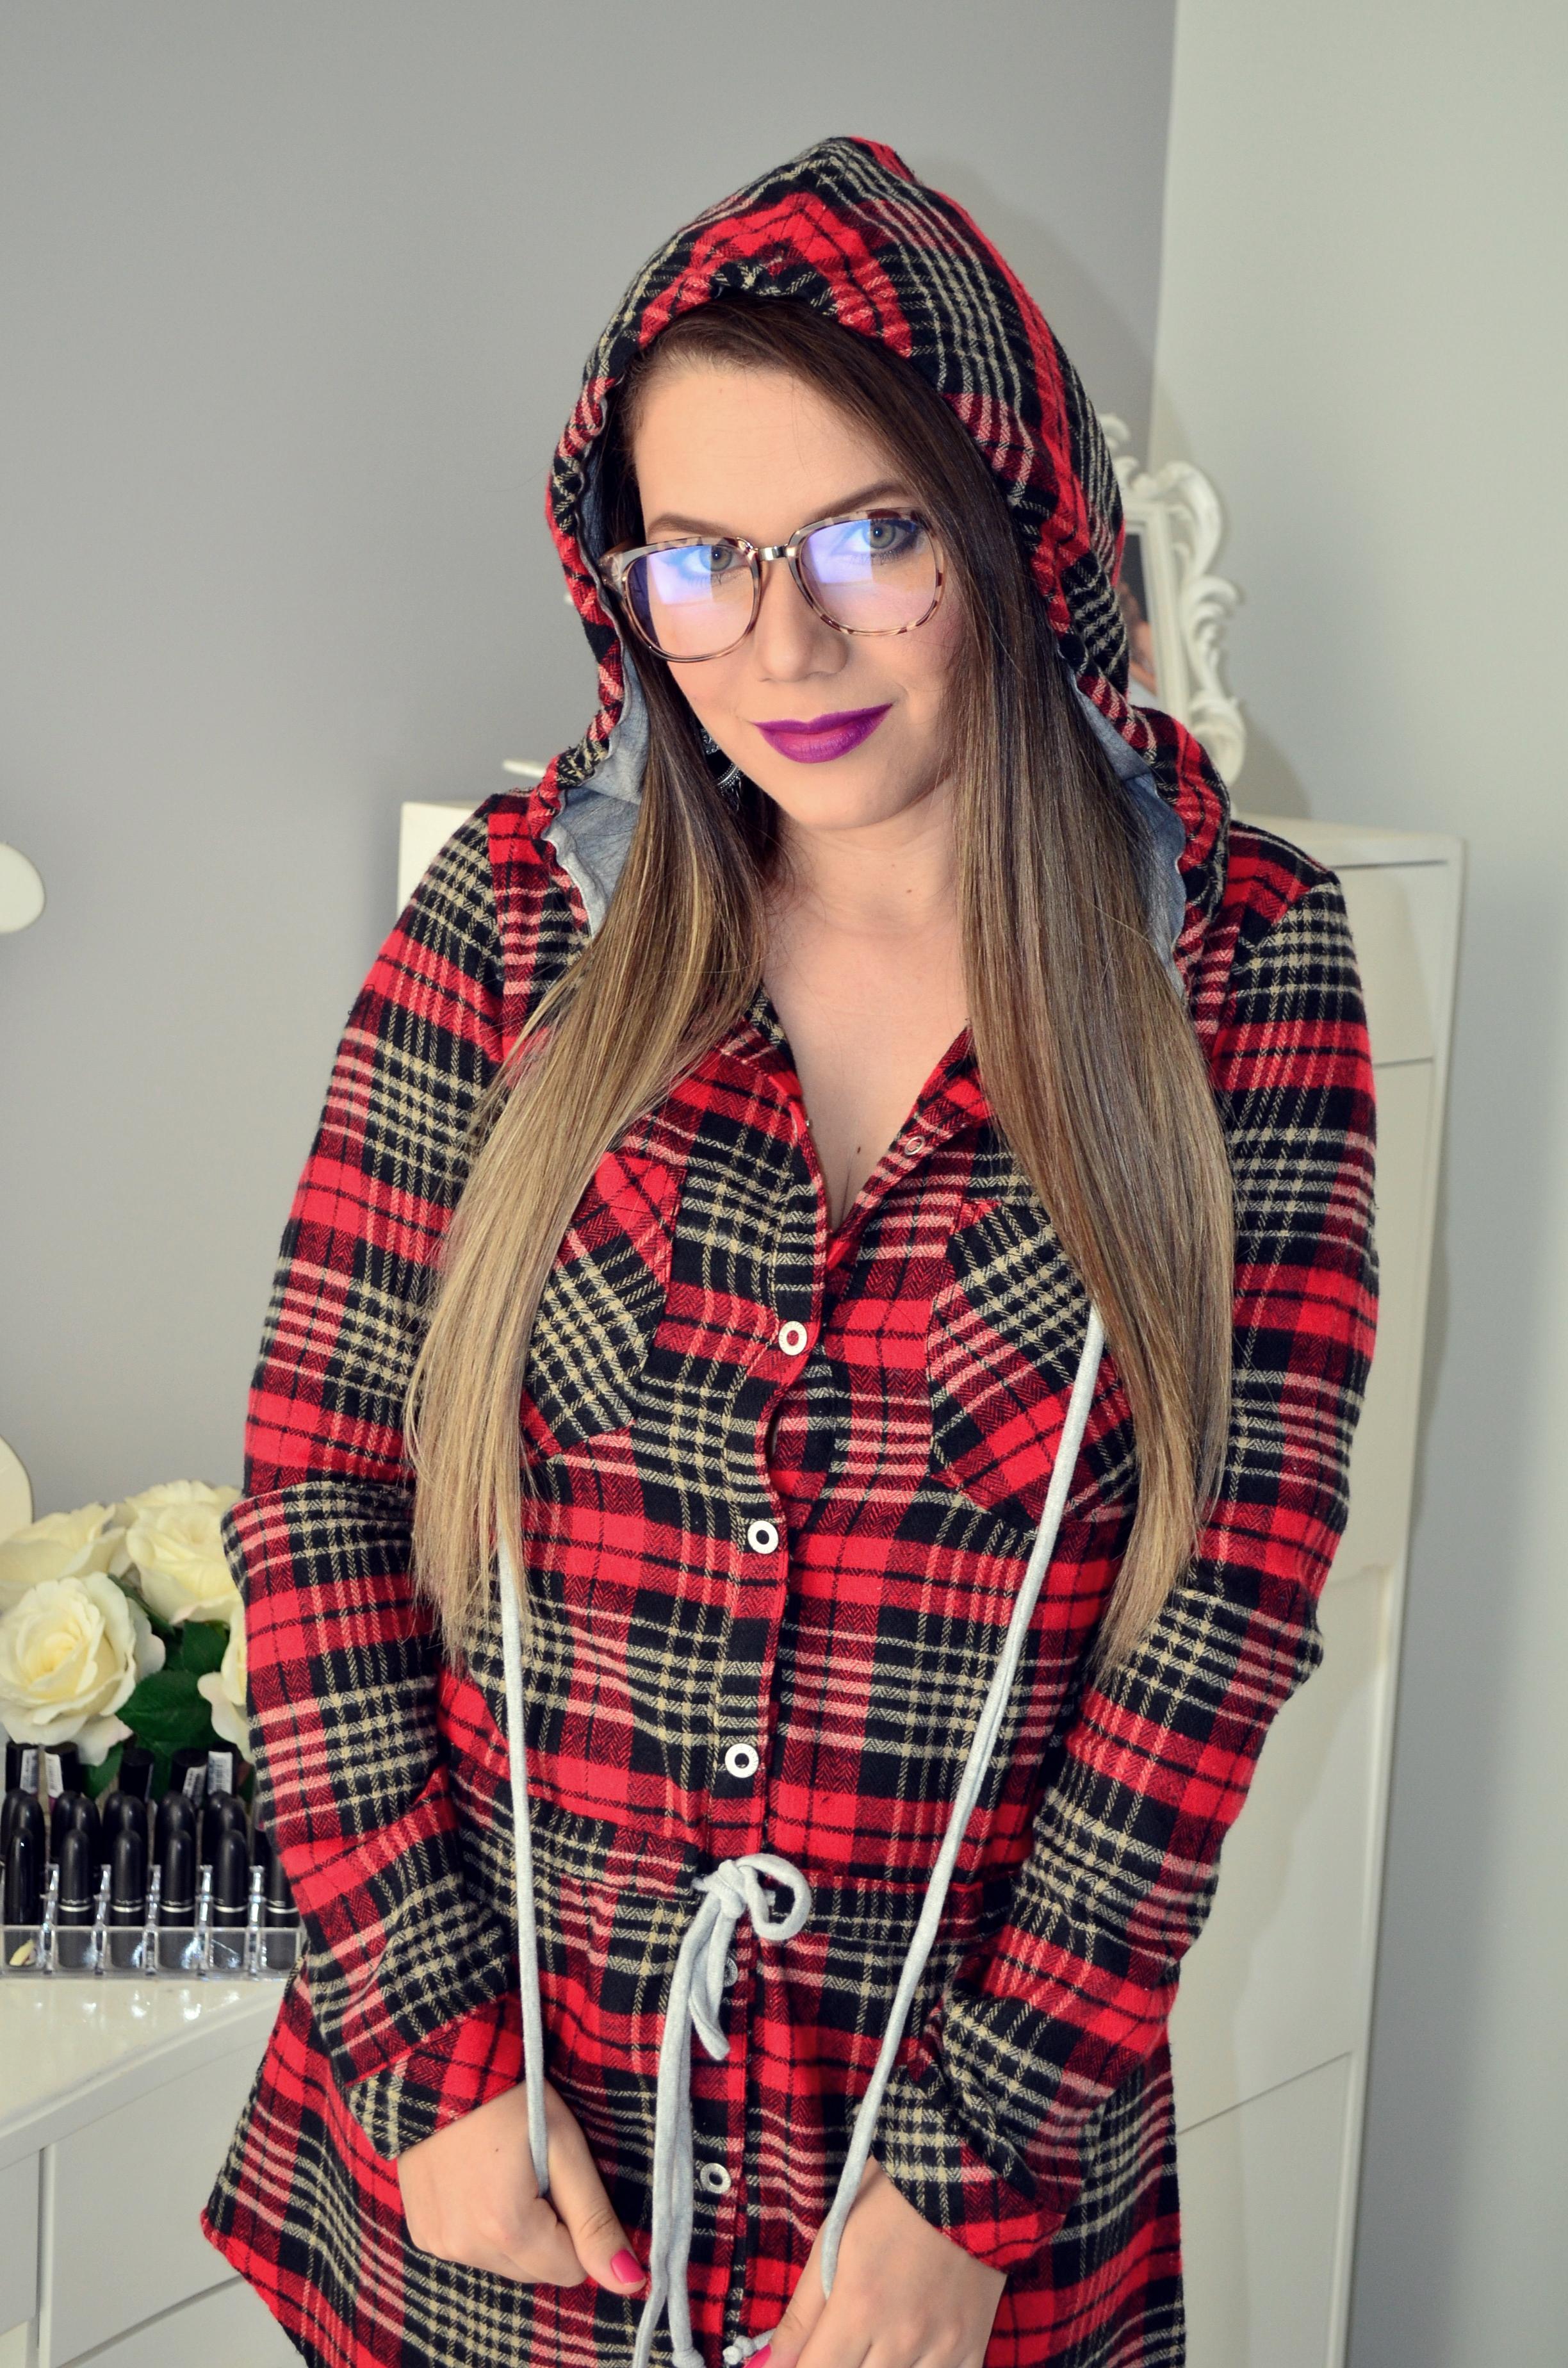 vestido xadrez e bota melissa 7